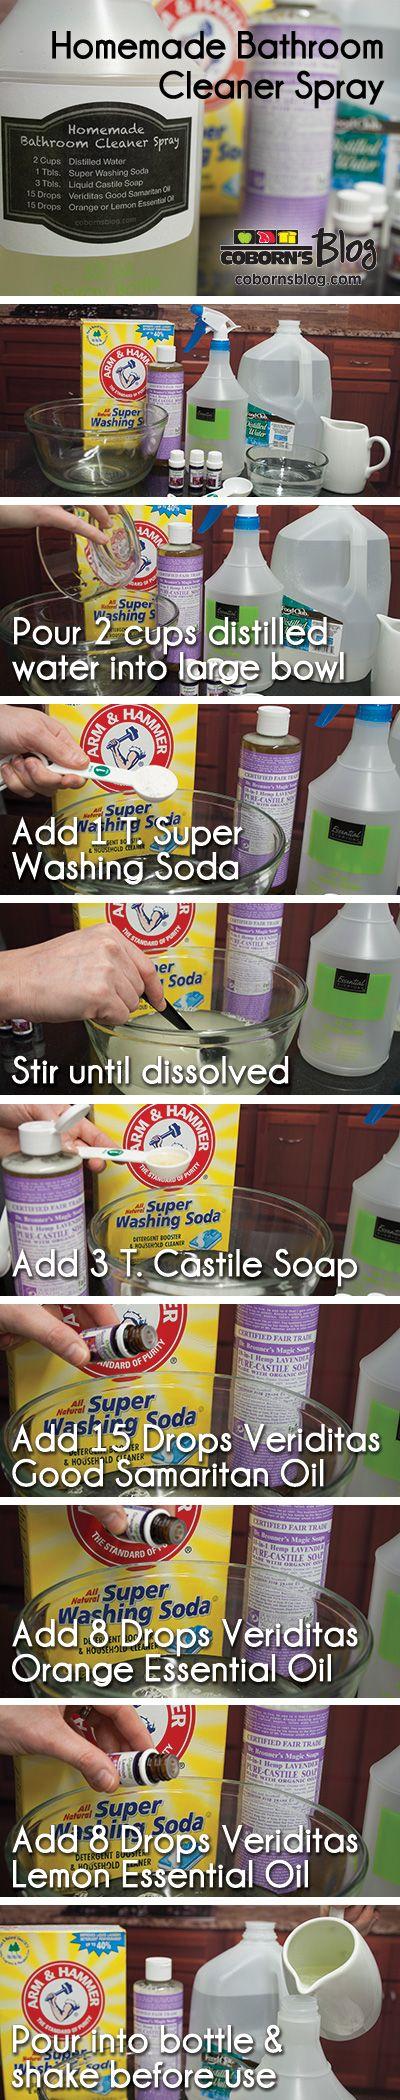 Make bathroom cleaner - Best 25 Homemade Bathroom Cleaner Ideas On Pinterest Vinegar Cleaning Solution Natural Cleaning Solutions And Floor Cleaner Vinegar